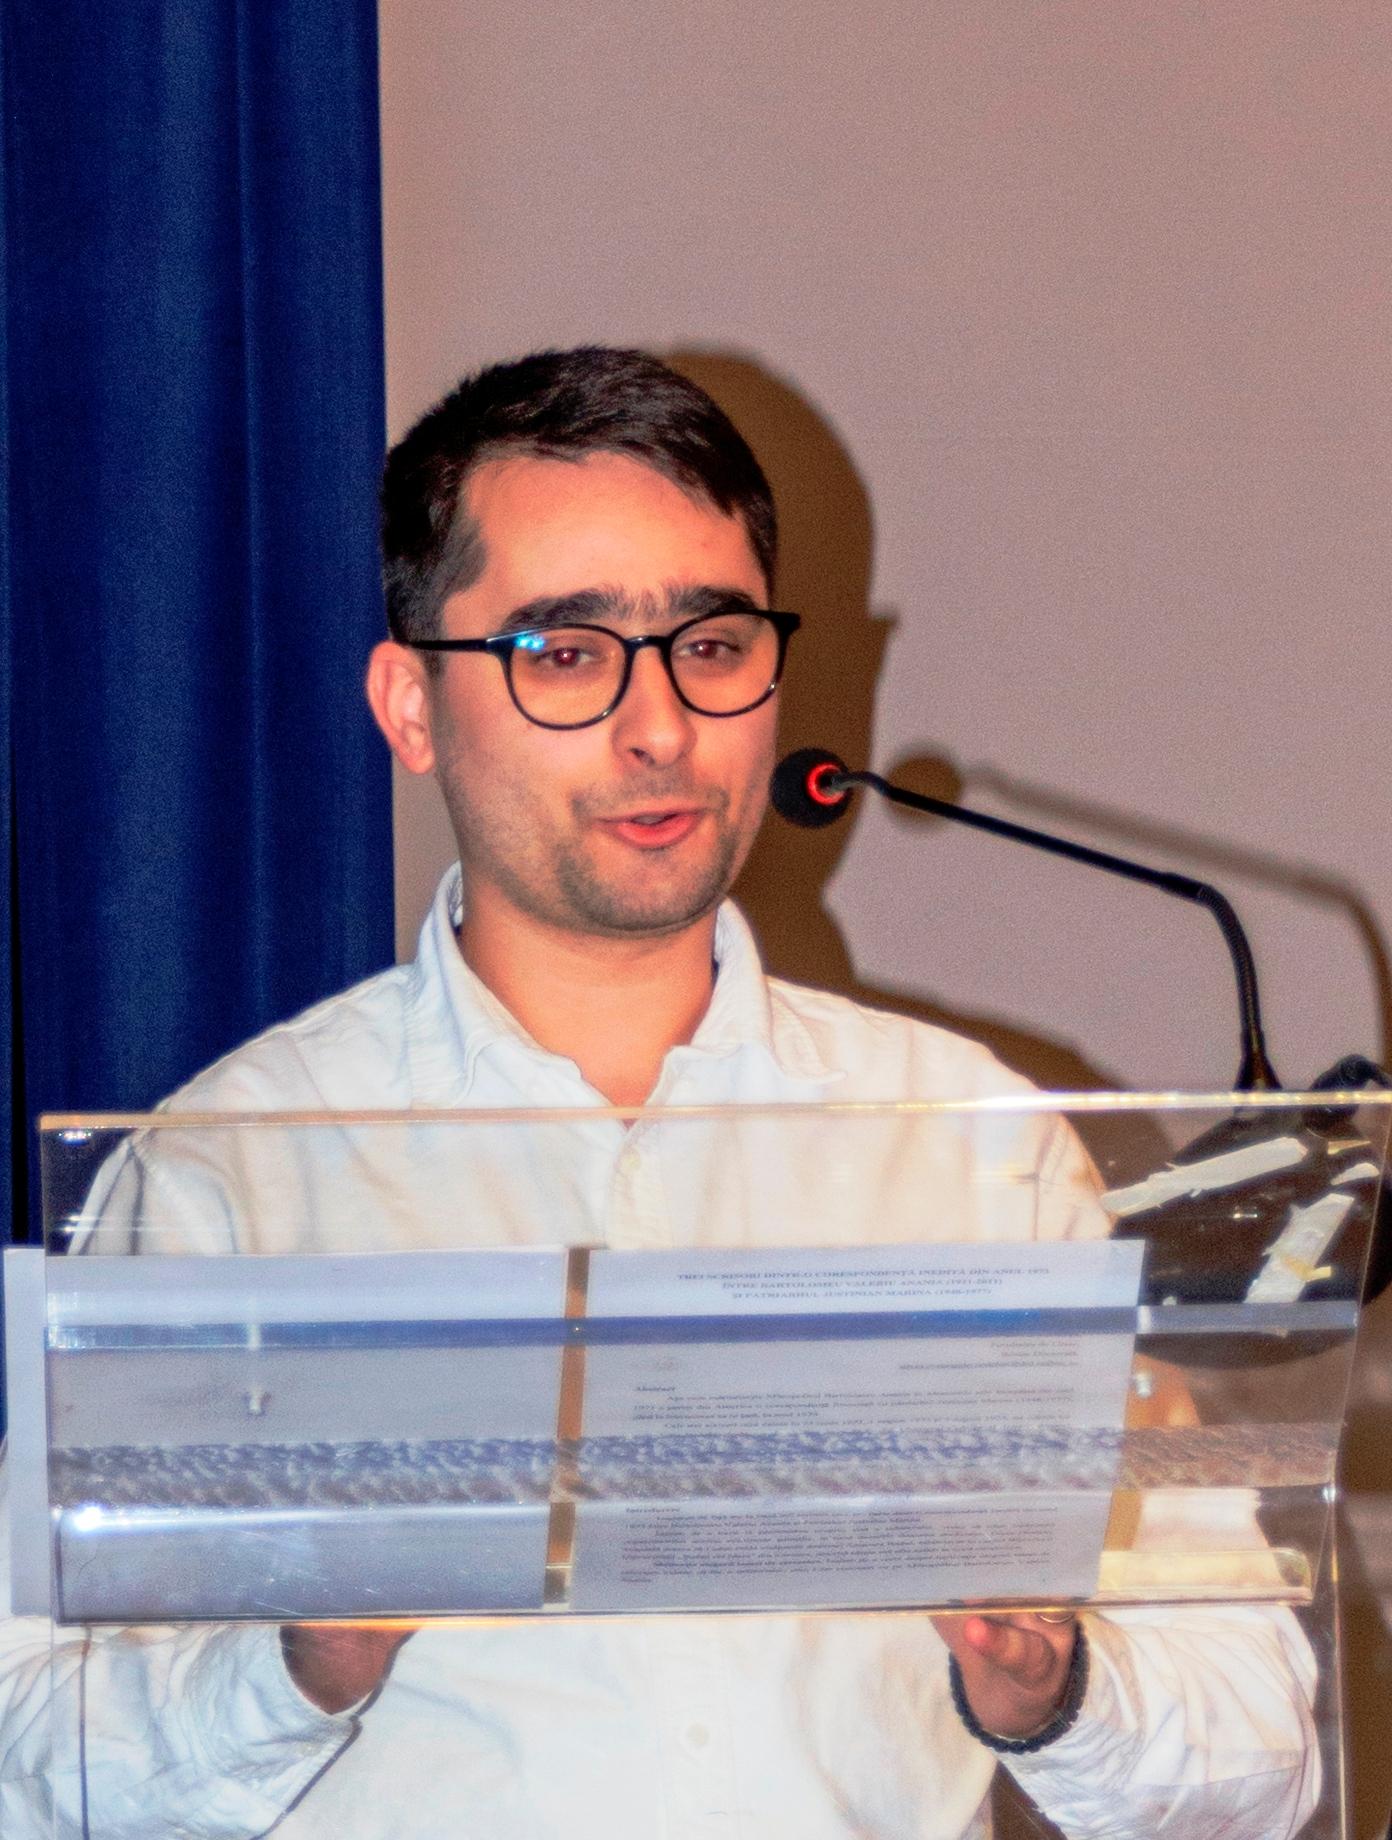 Publica cartea ta la Editura Stiintifica Lumen Silviu Constantin Nedelcu